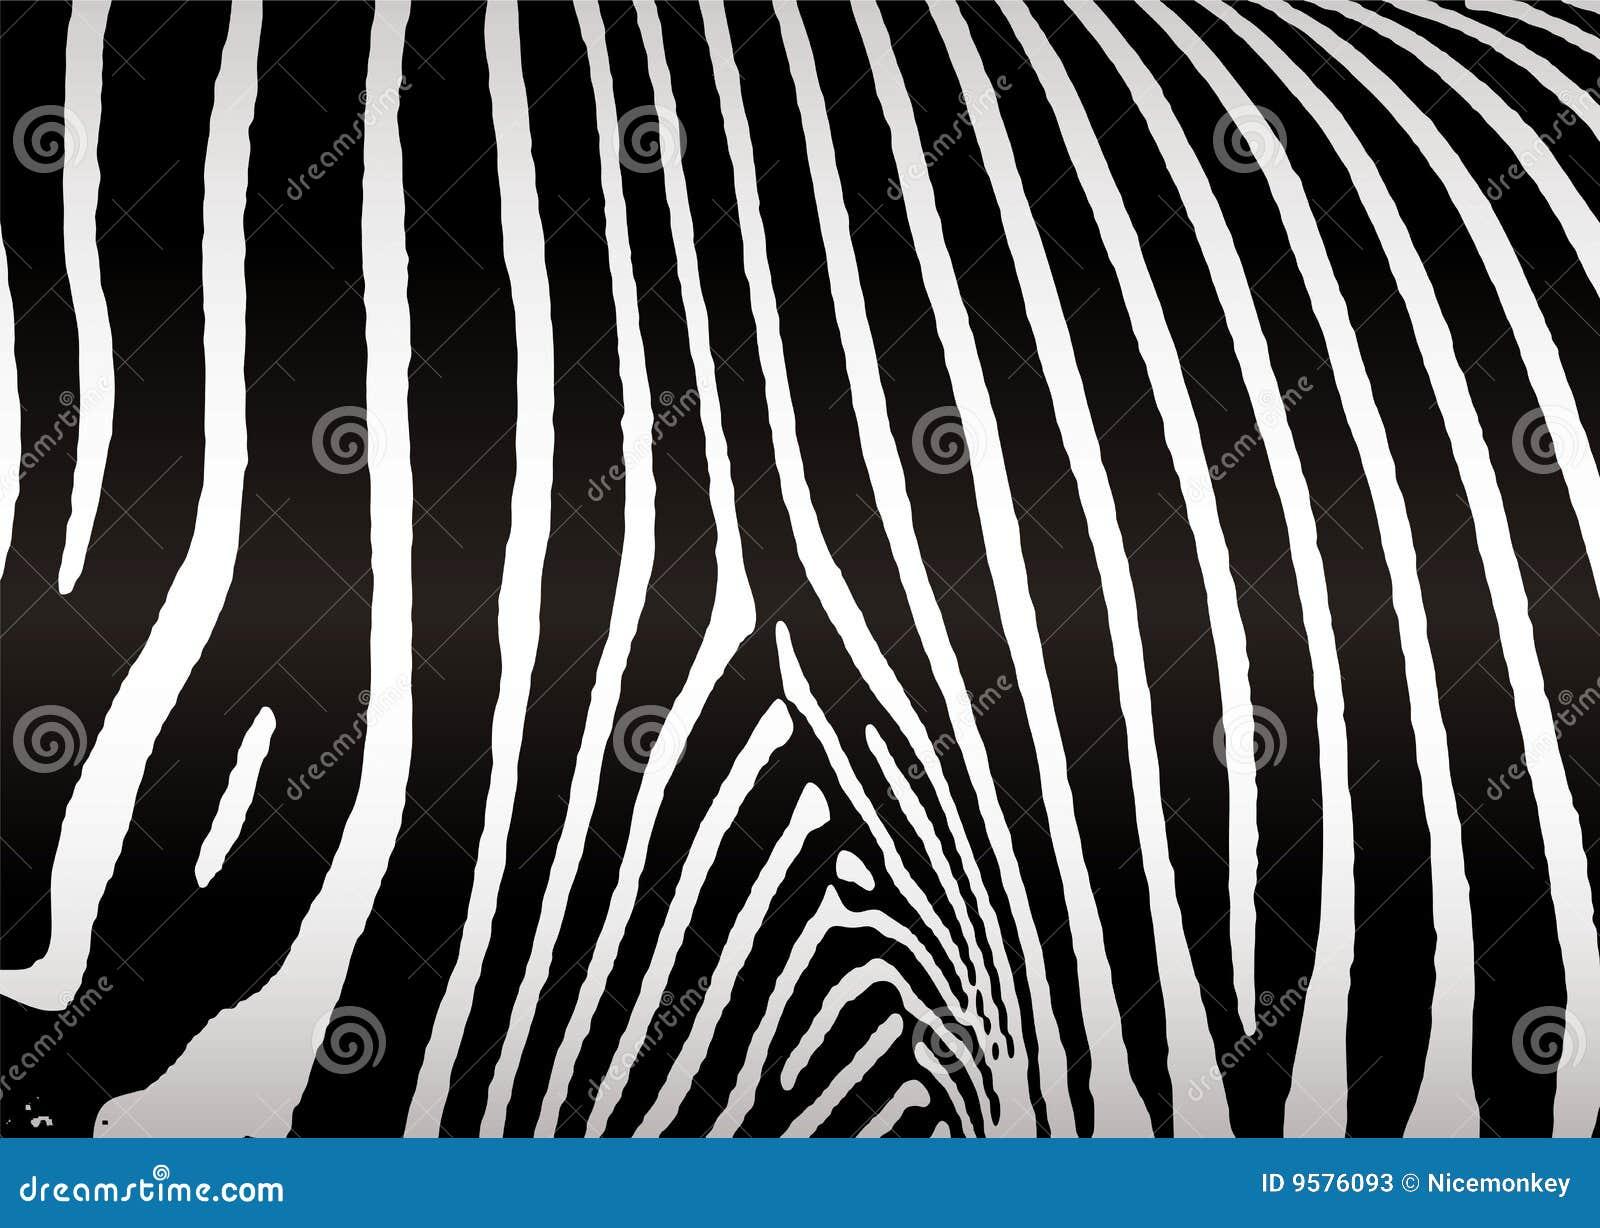 Peau de z bre photos stock image 9576093 - Peau de zebre ...